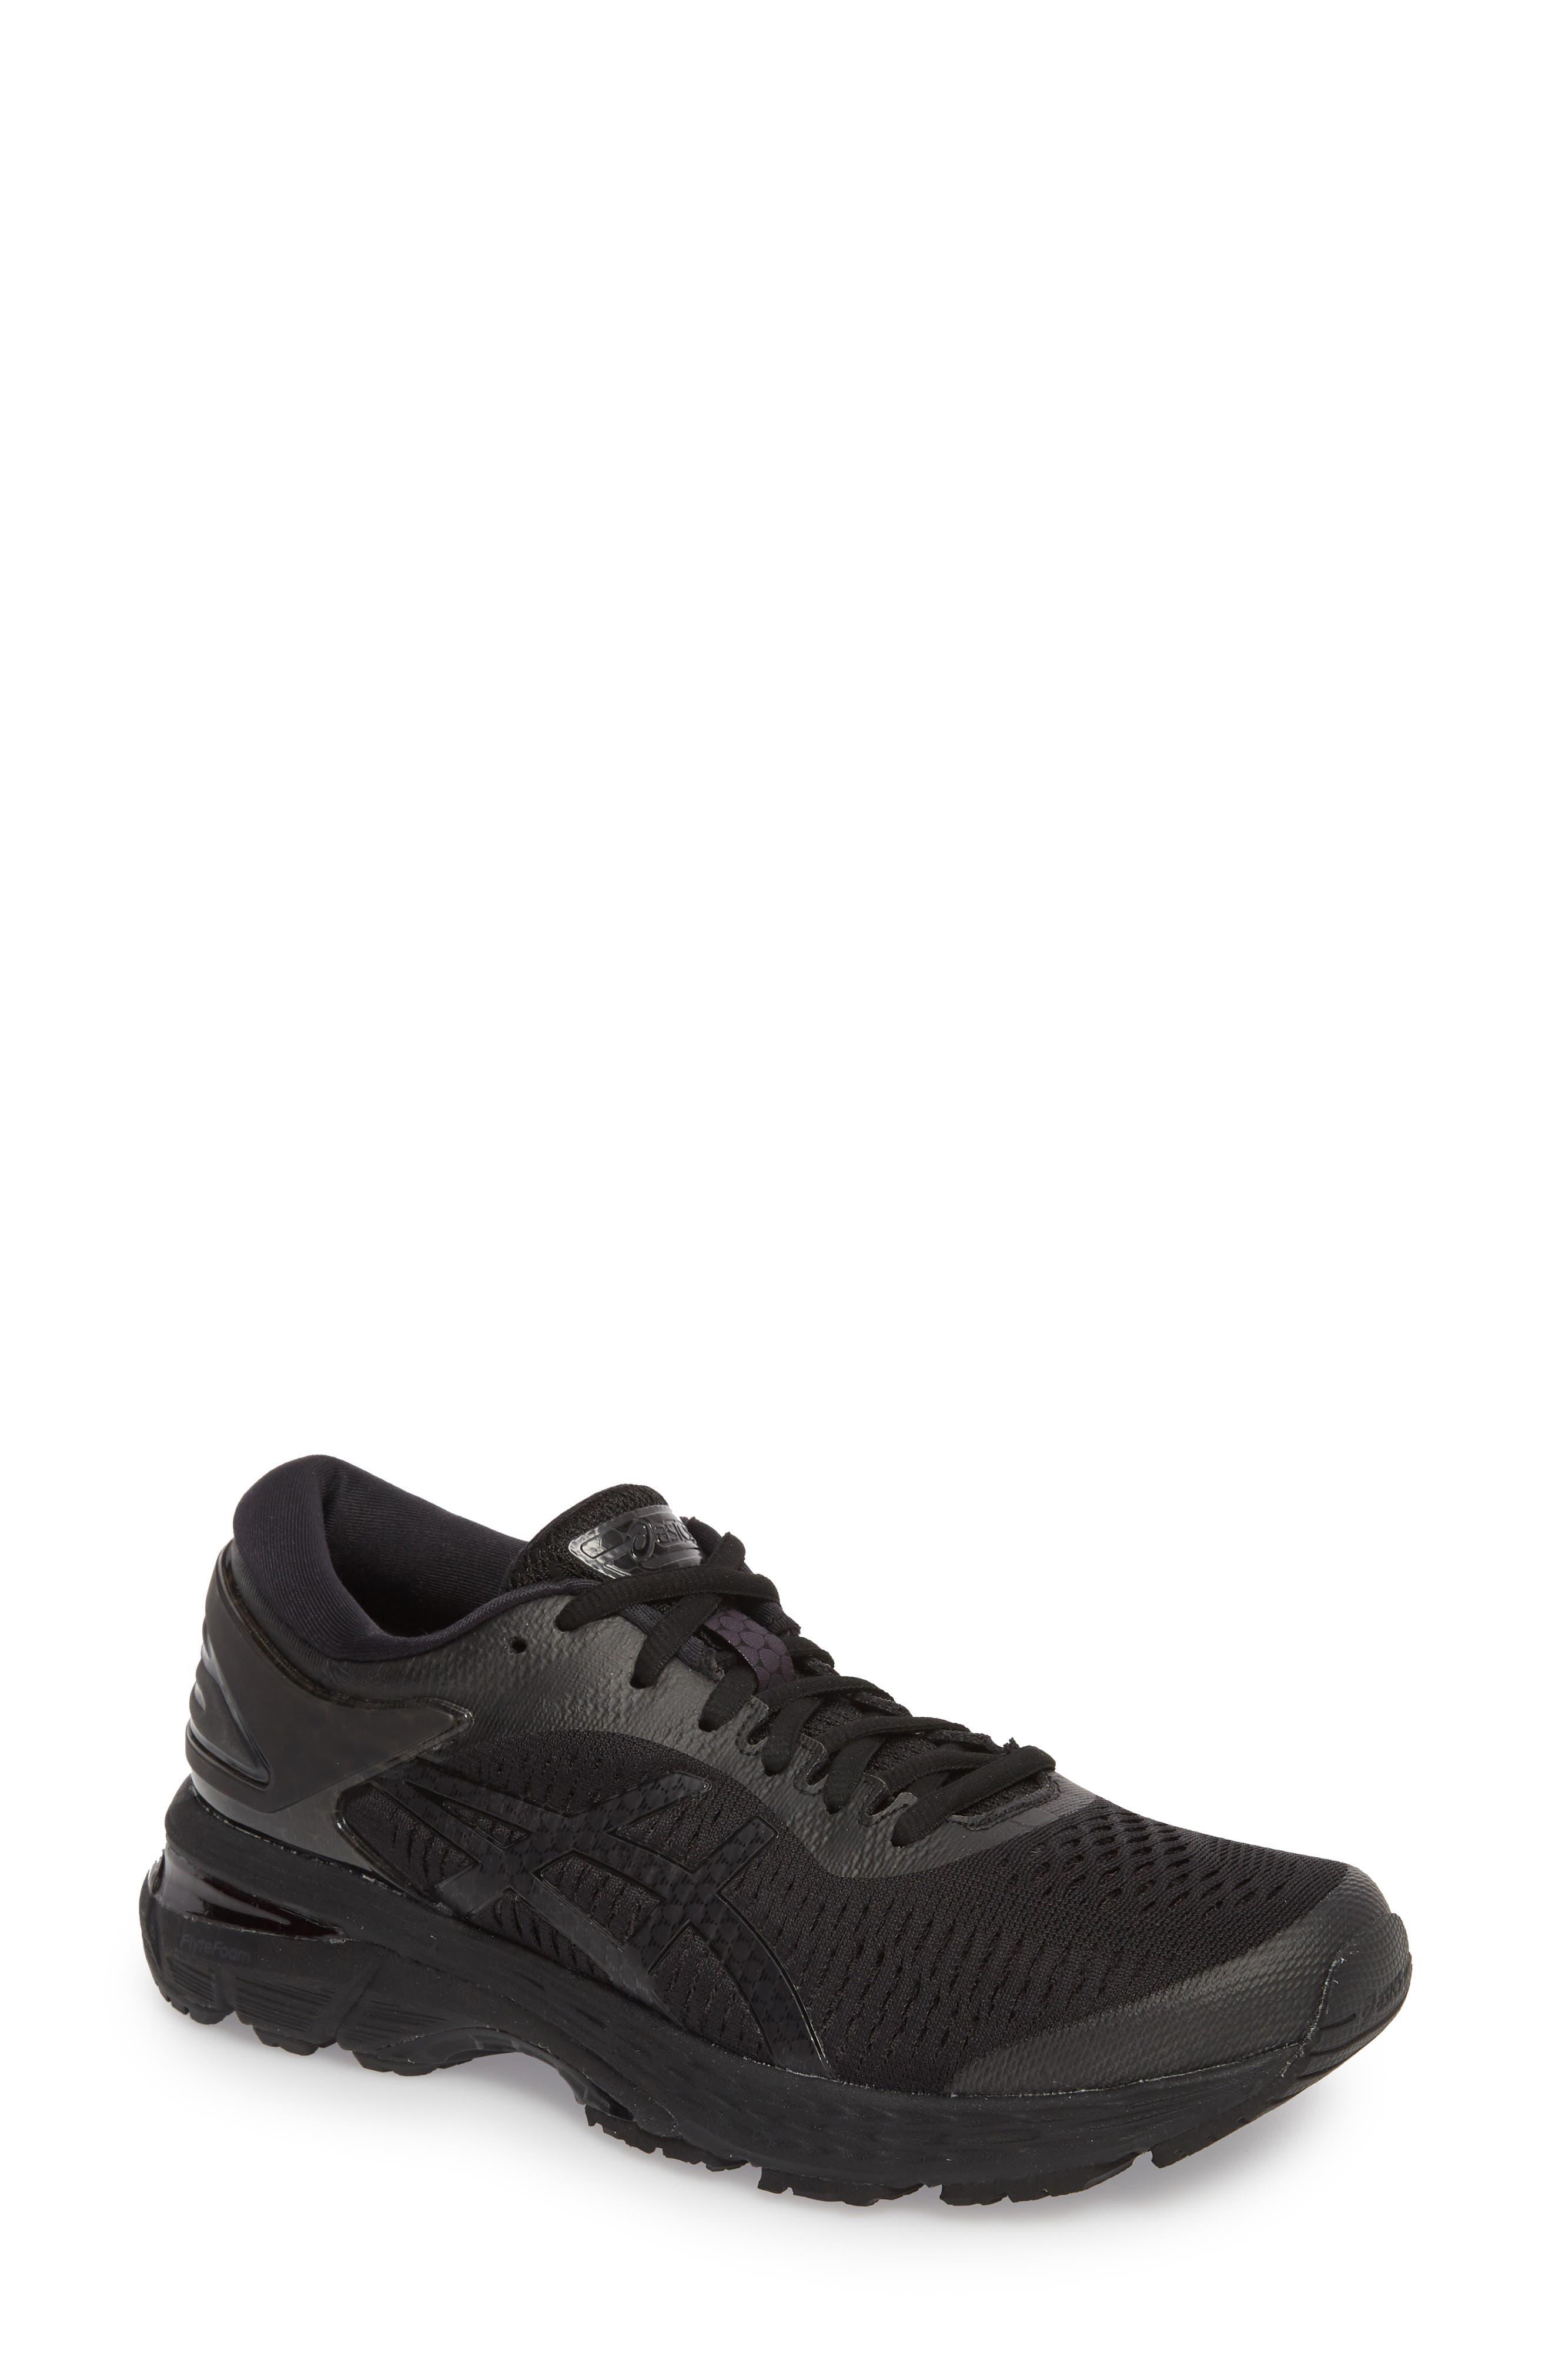 Asics Gel-Kayano 25 Running Shoe, Black